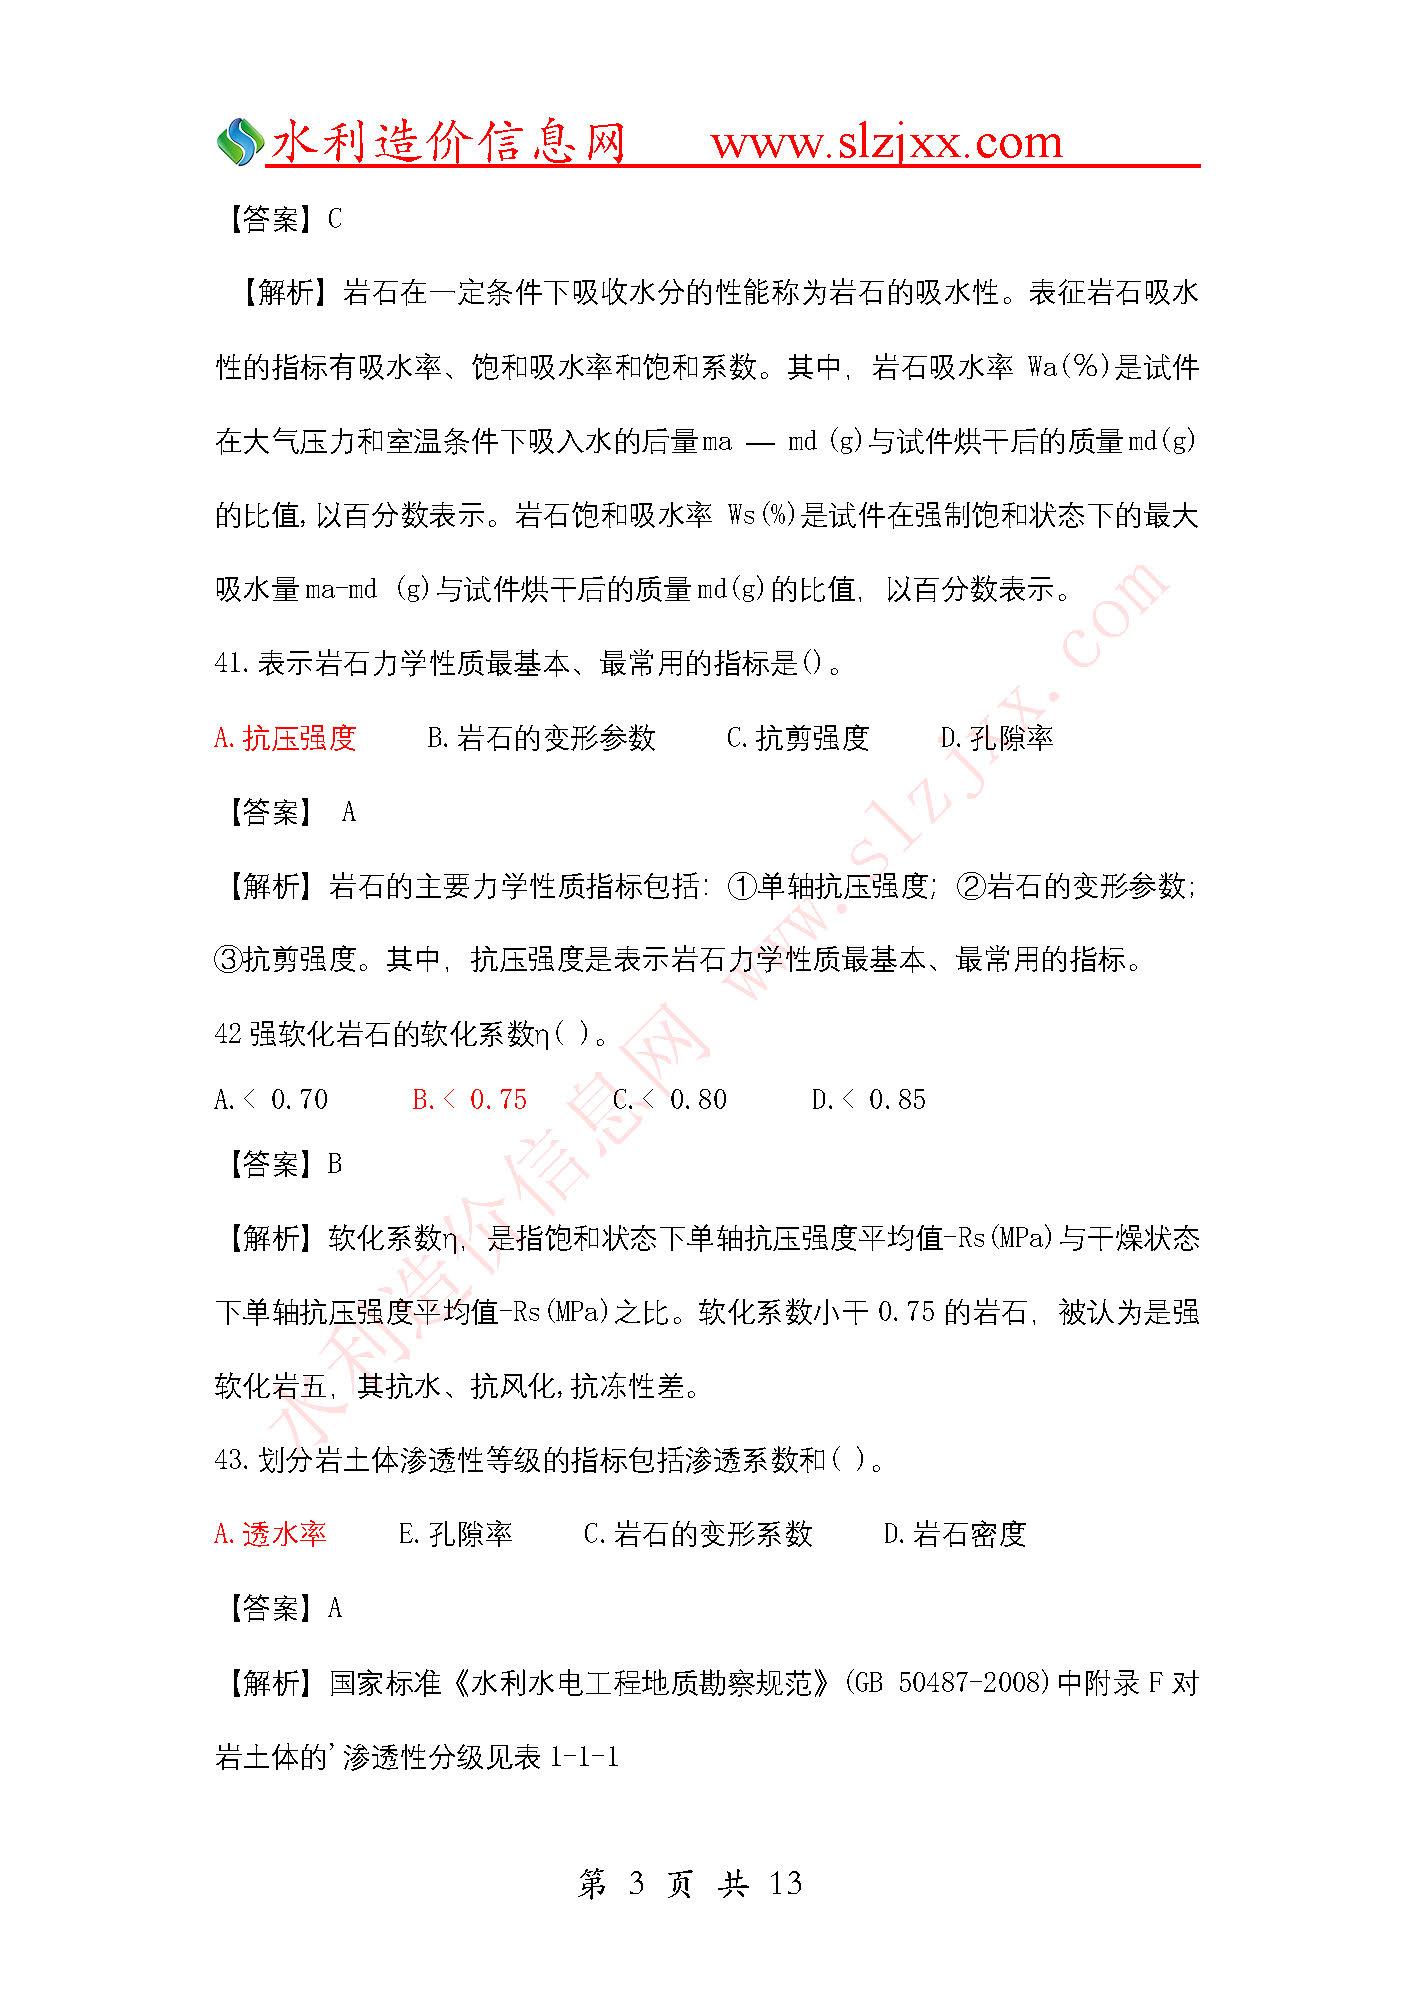 第一节单选(下)_页面_03.jpg